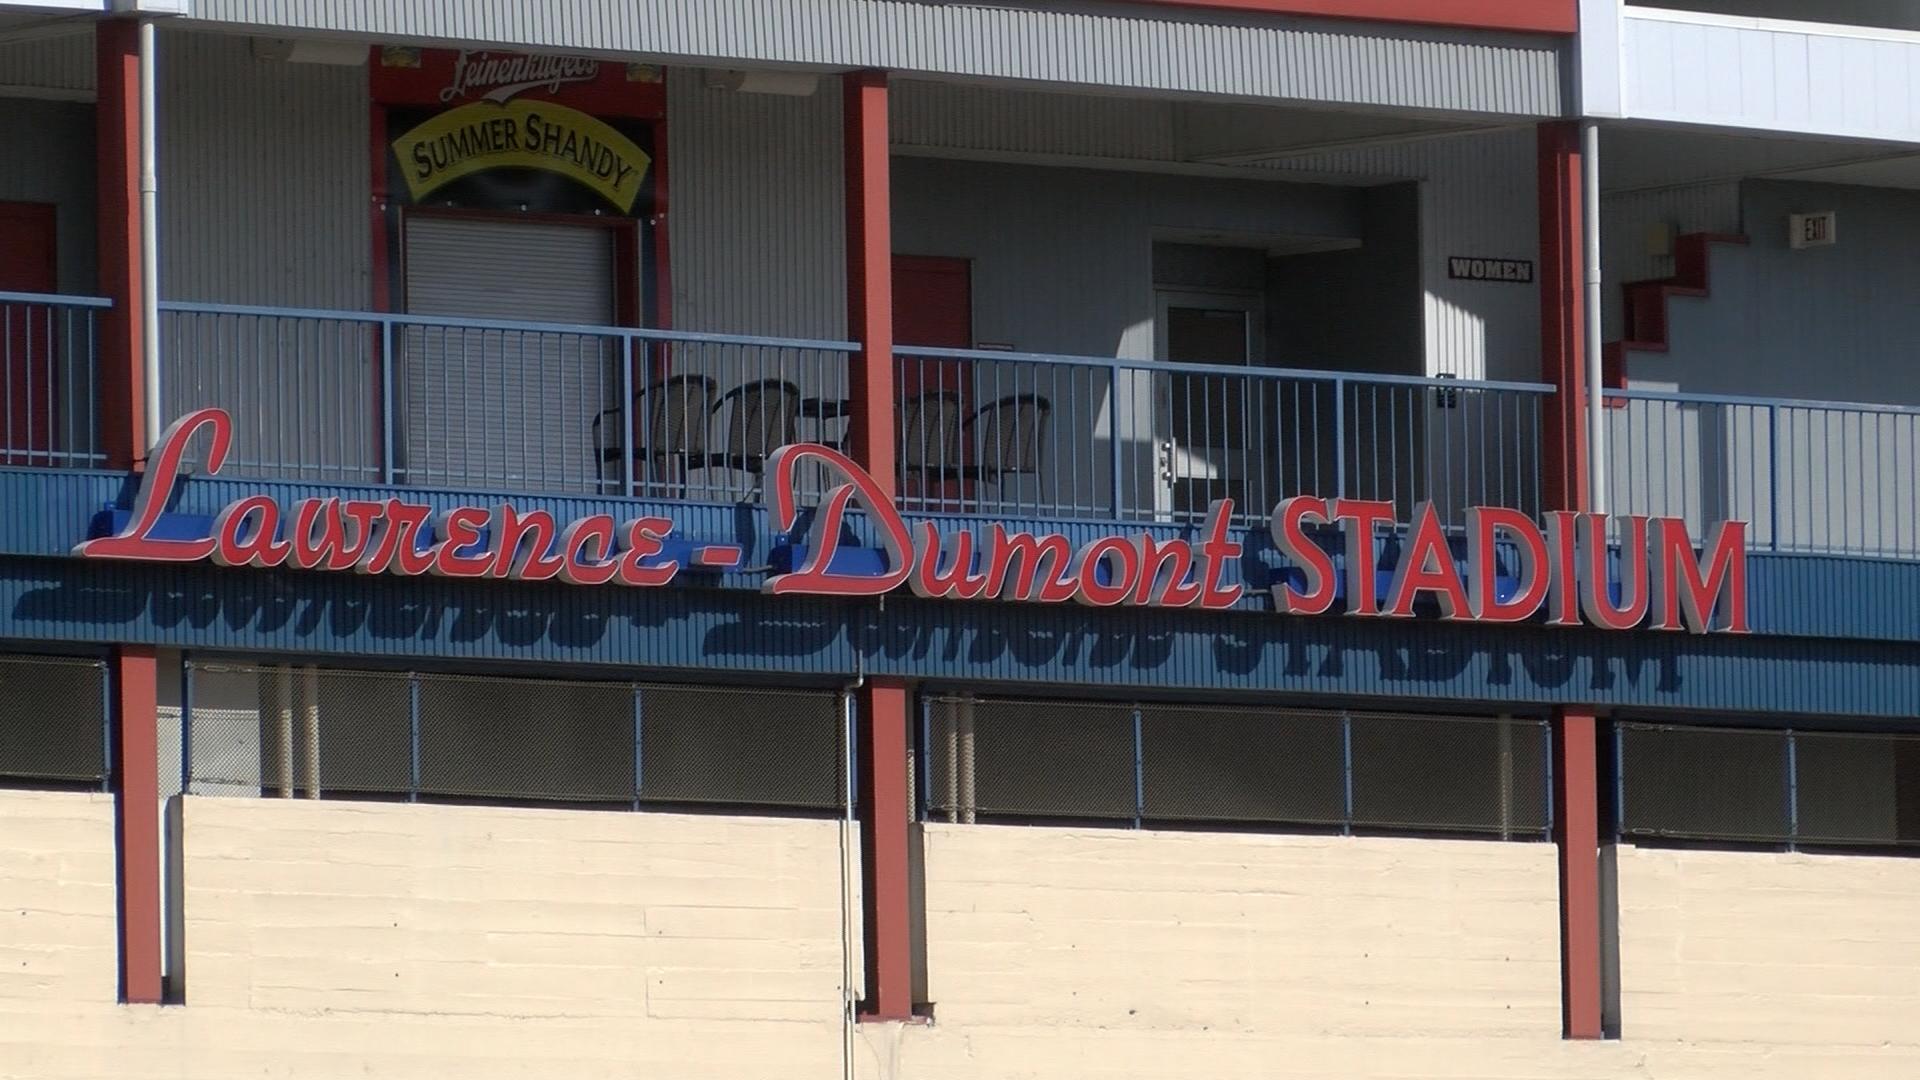 Lawrence Dumont Stadium pic 2_1539202428860.jpg.jpg